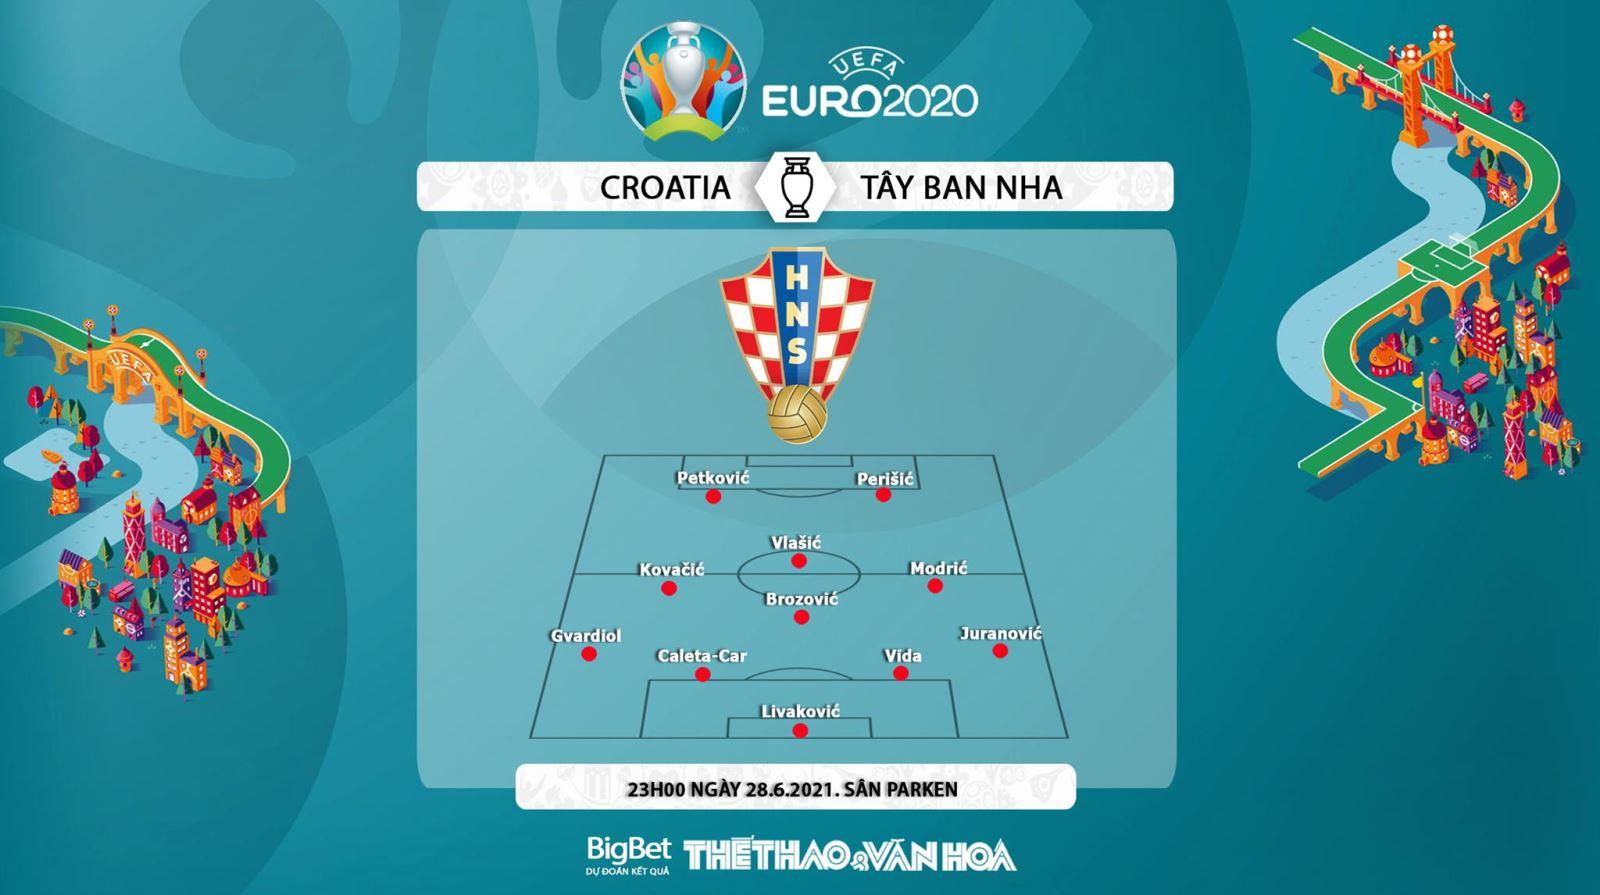 keo nha cai, keo bong da, kèo nhà cái, soi kèo Croatia vs Tây Ban Nha, kèo bóng đá Croatia vs Tây Ban Nha, VTV6, VTV3, trực tiếp bóng đá hôm nay, ty le keo, tỷ lệ kèo, EURO 2021